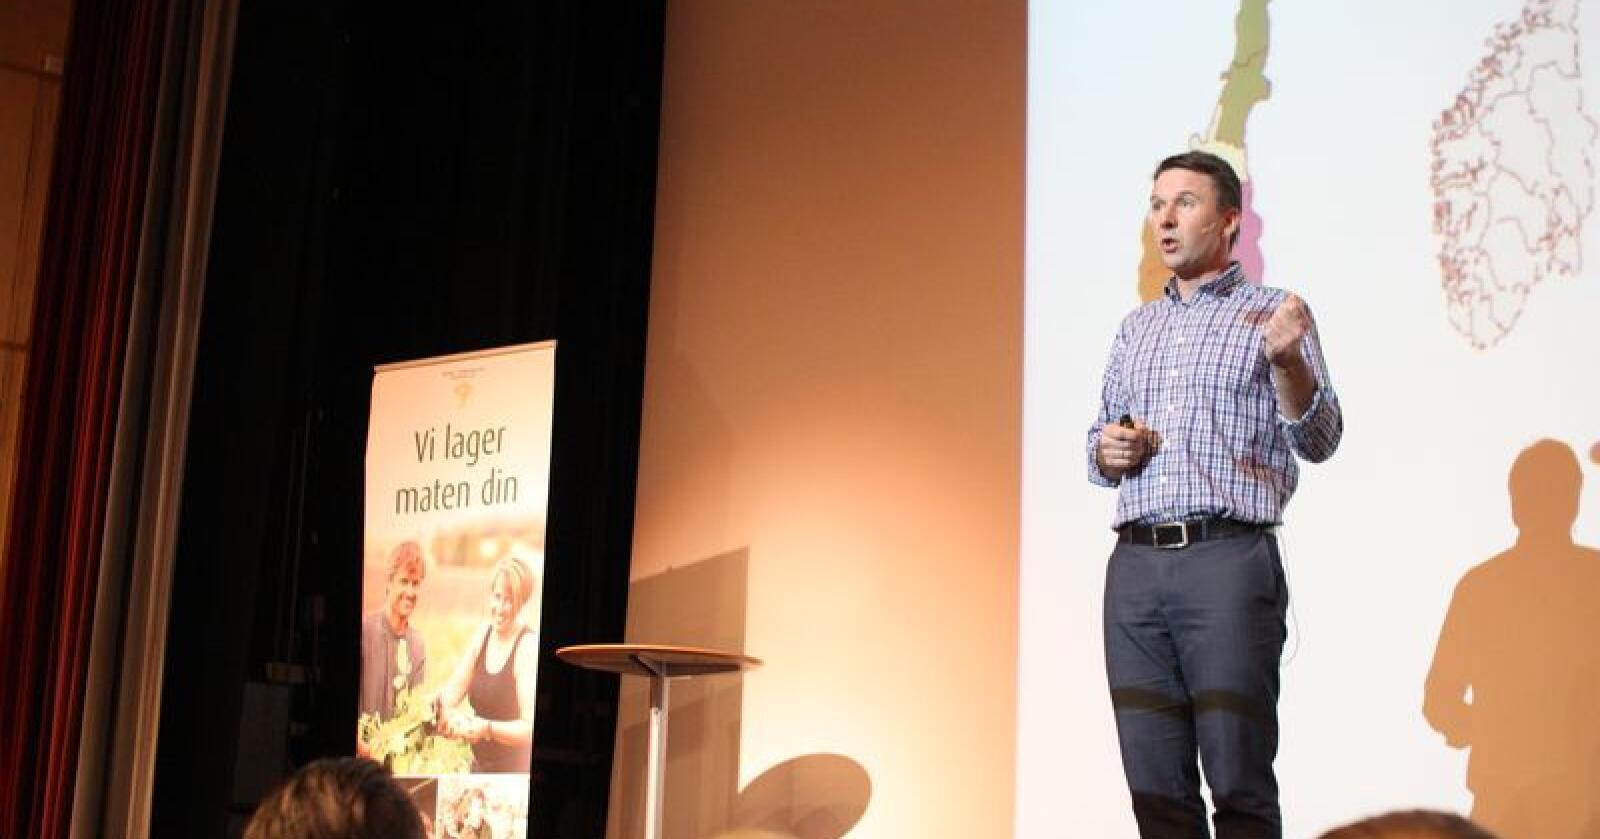 Norges Bondelag mener den nye regjeringsplattformen er en klar forbedring av Jeløya-plattformen og viderefører de viktigste virkemidlene i norsk landbrukspolitikk. (Arkivfoto)